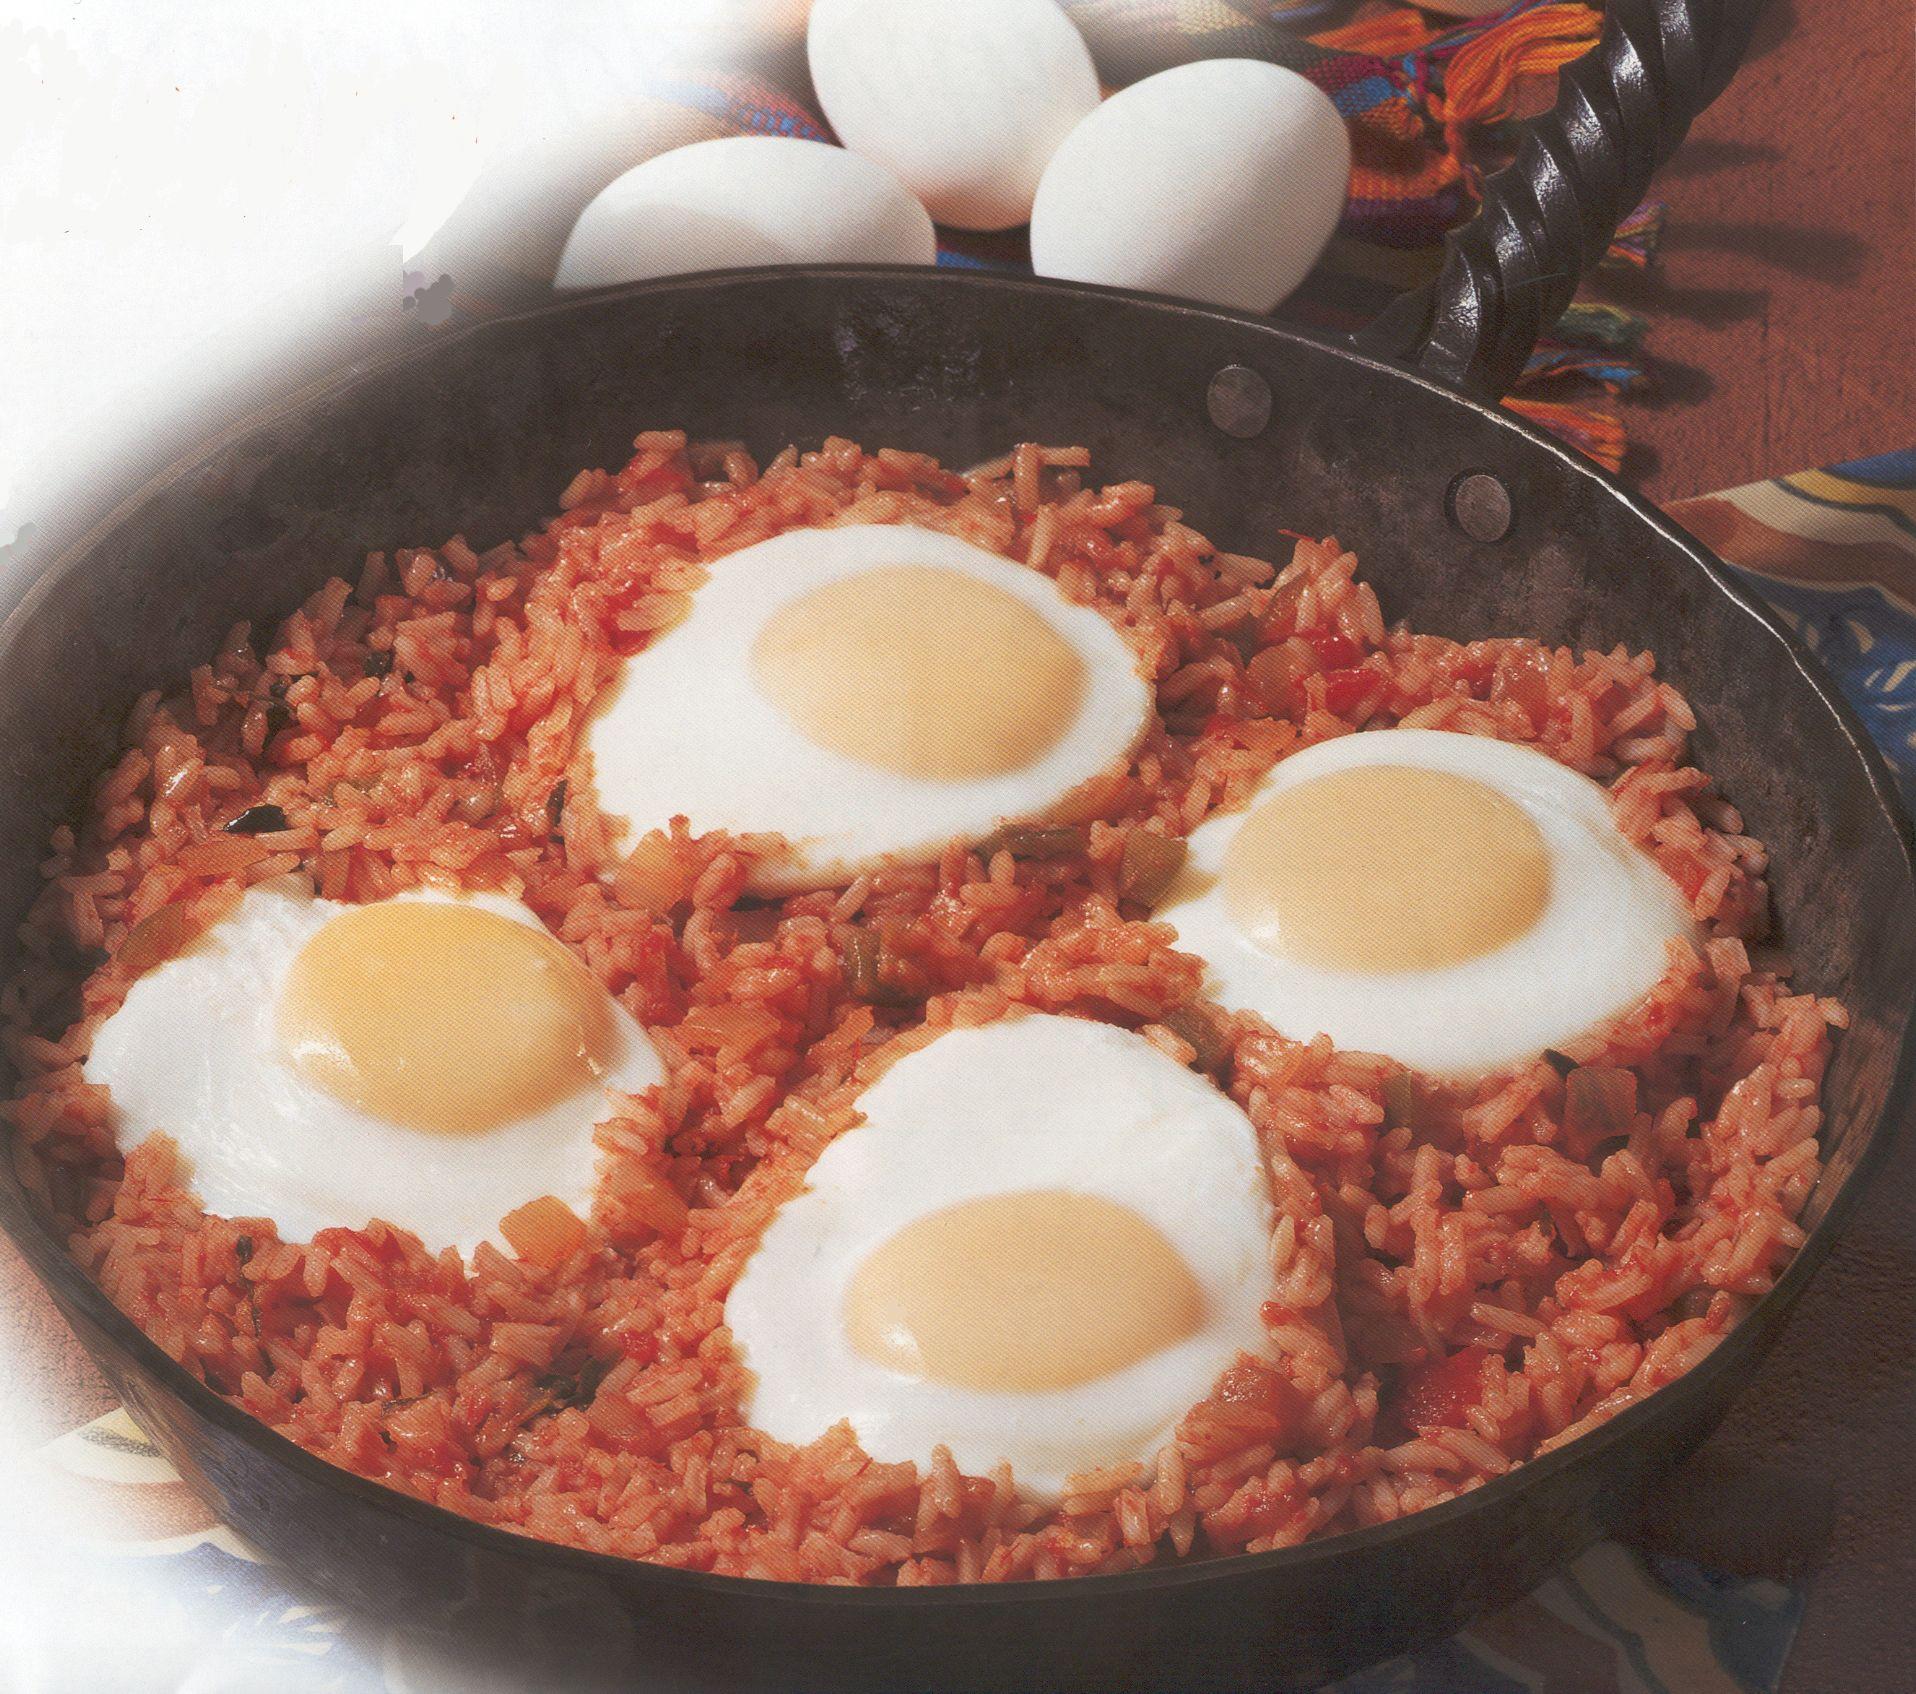 Huevos de Mixco  Prepara huevitos fuera de lo común, prepara Huevos con Arroz, se creativo y aliméntate sano.  ¿Deseas preparar huevitos con la mejor calidad? Los llevamos a la puerta de tu casa.  Contáctanos: Tel. 24931313 o escríbenos a info@huevosdemixco.com